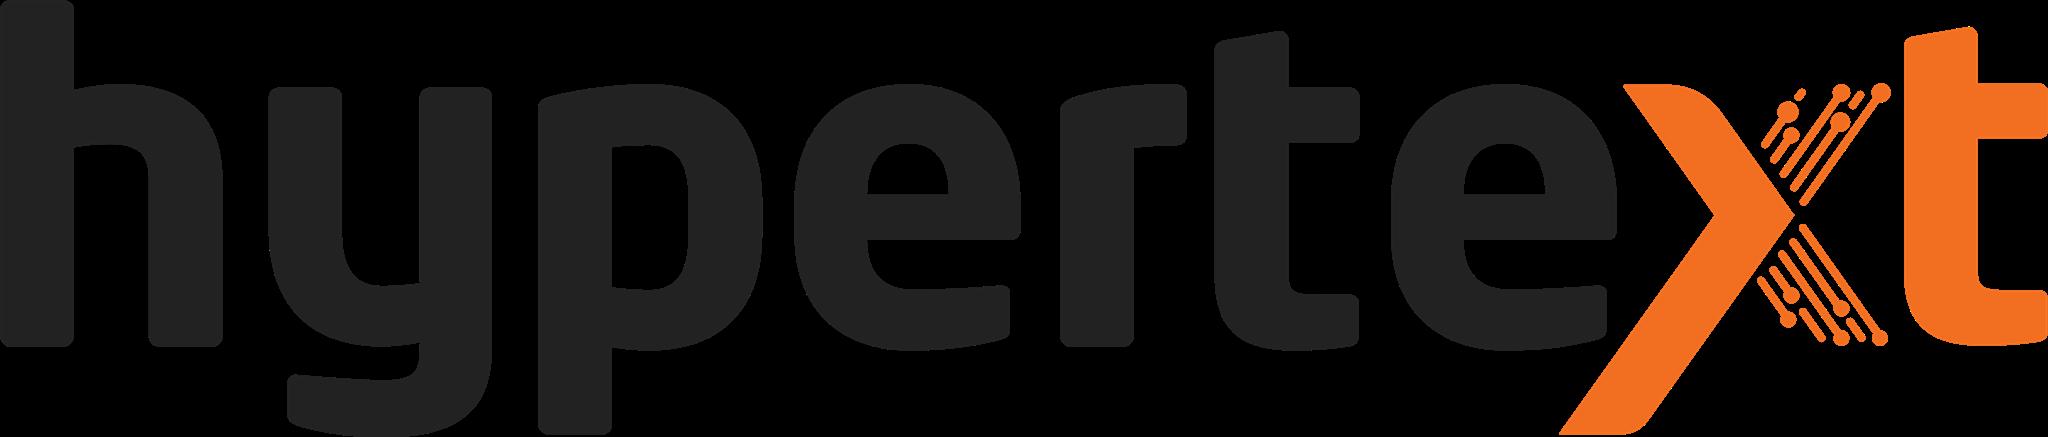 Hypertext_logo